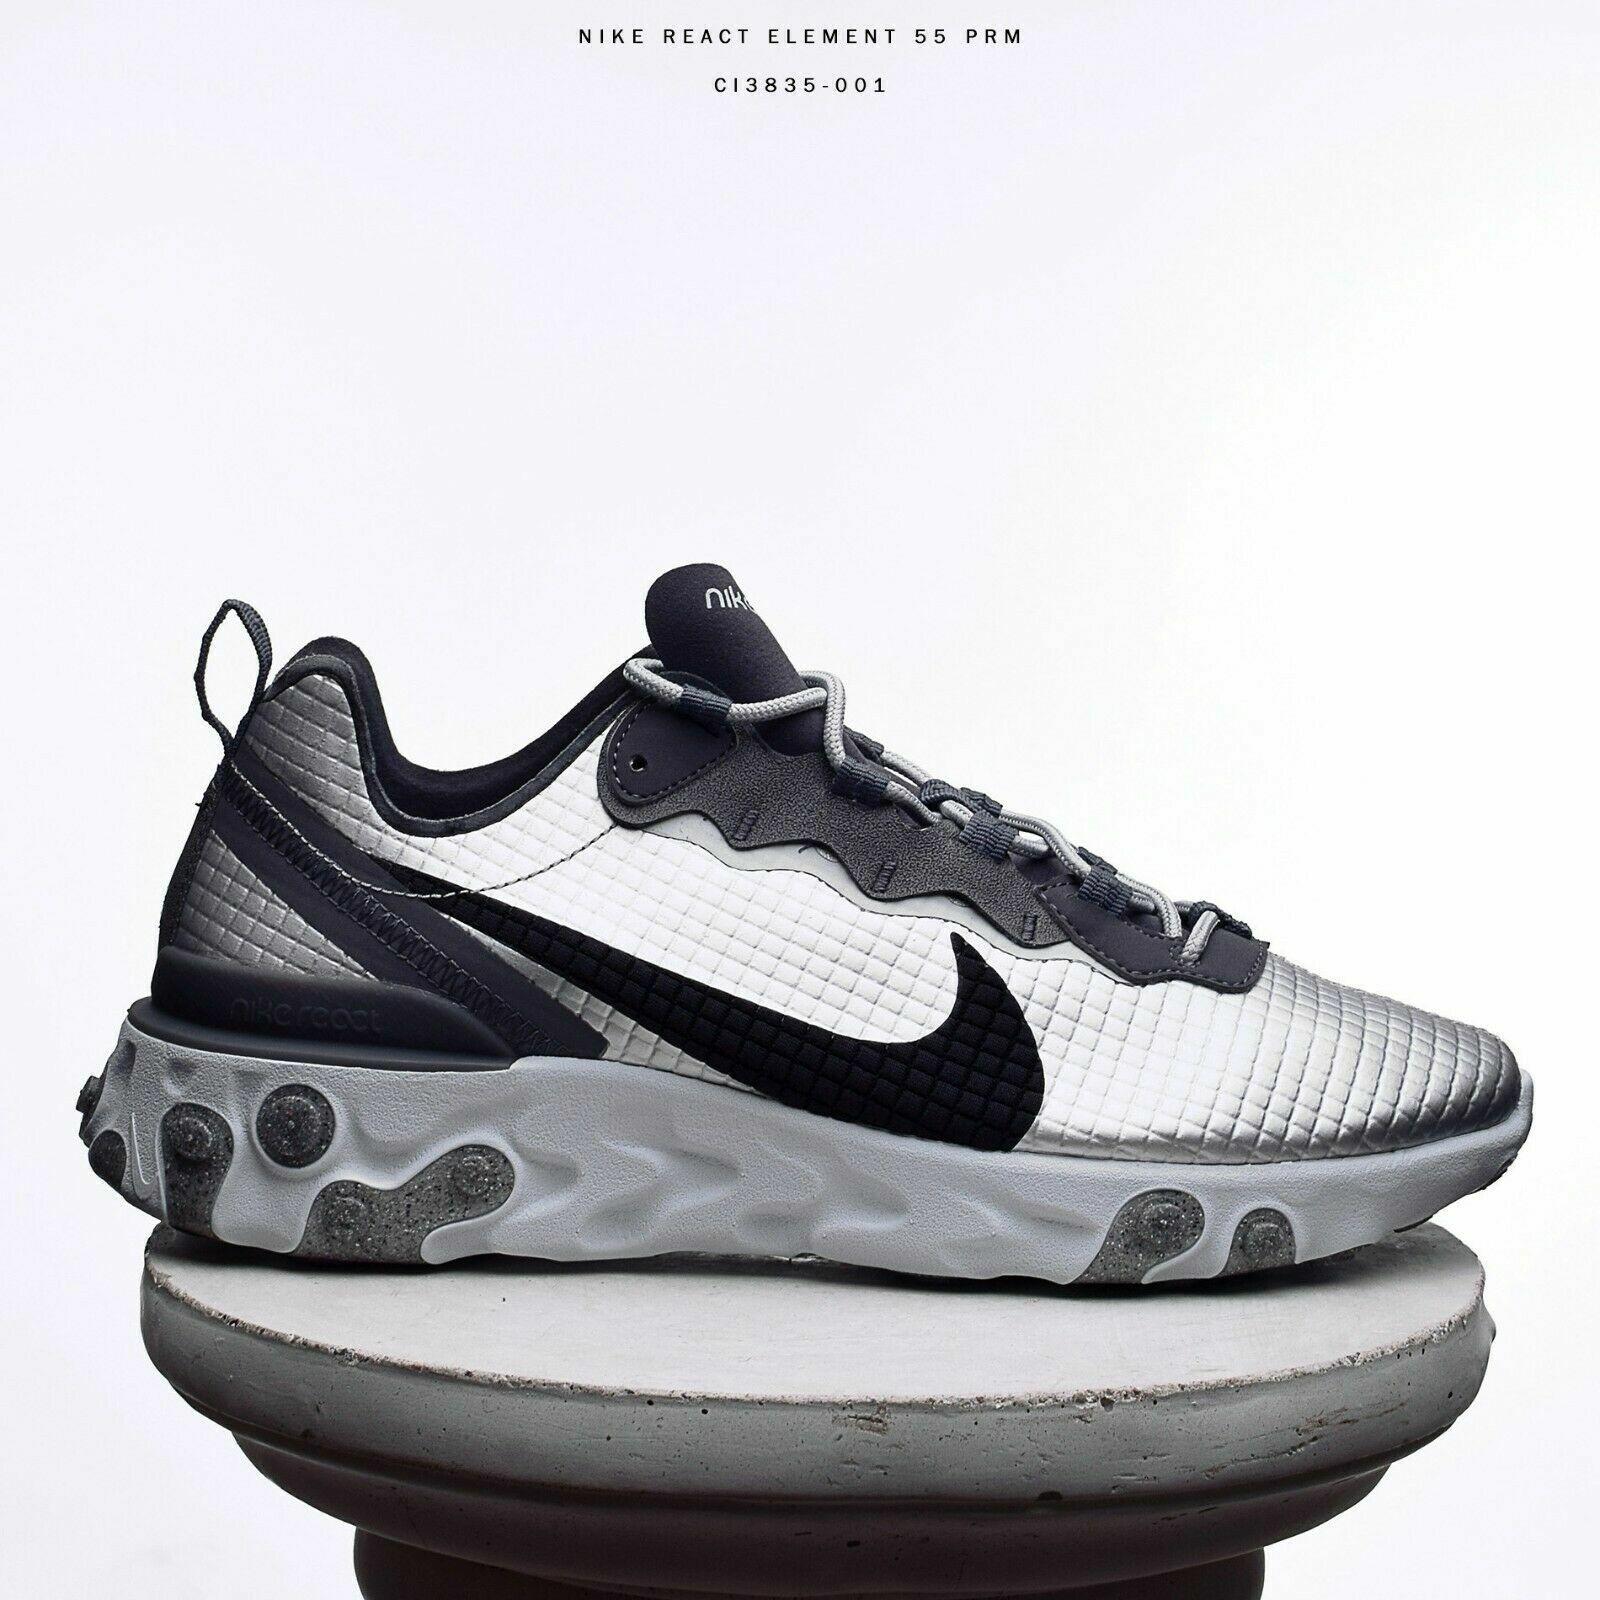 Schuhe Nike Air Max CI3835-001 React Element Silber  Pure Platin Dunkelgrau   Sw